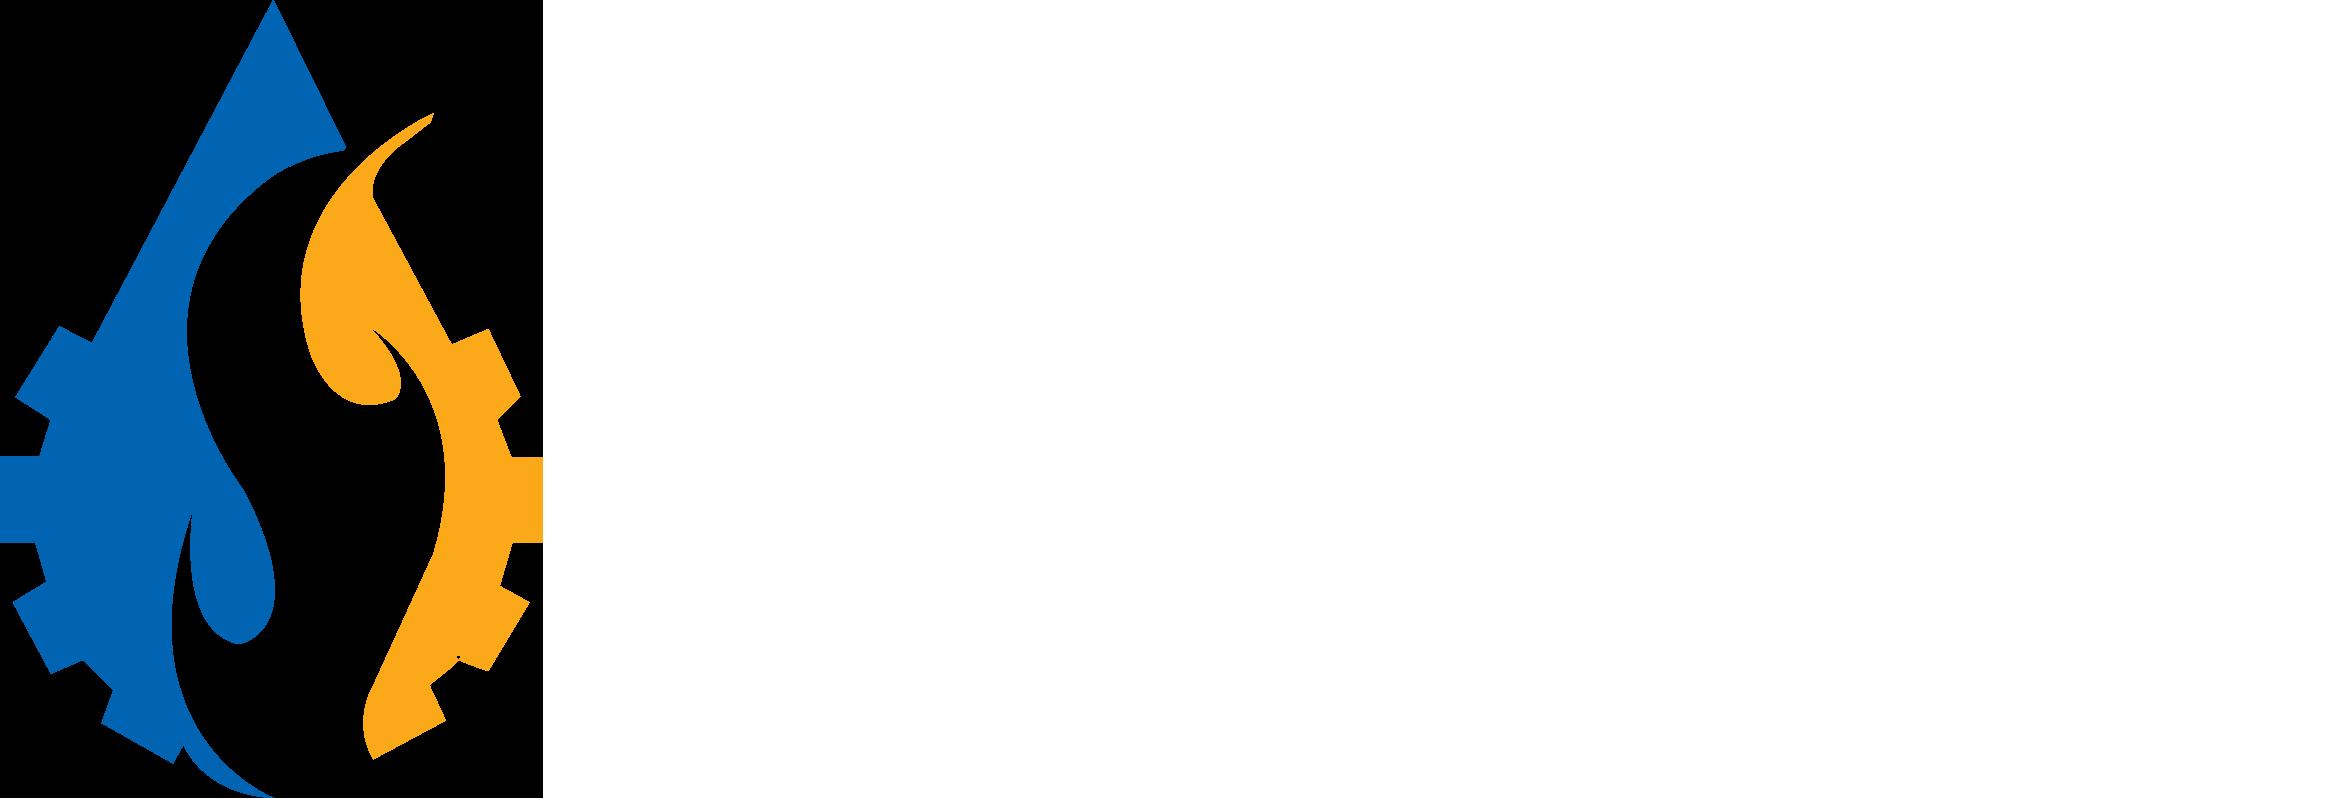 زینو باتاب شیمی